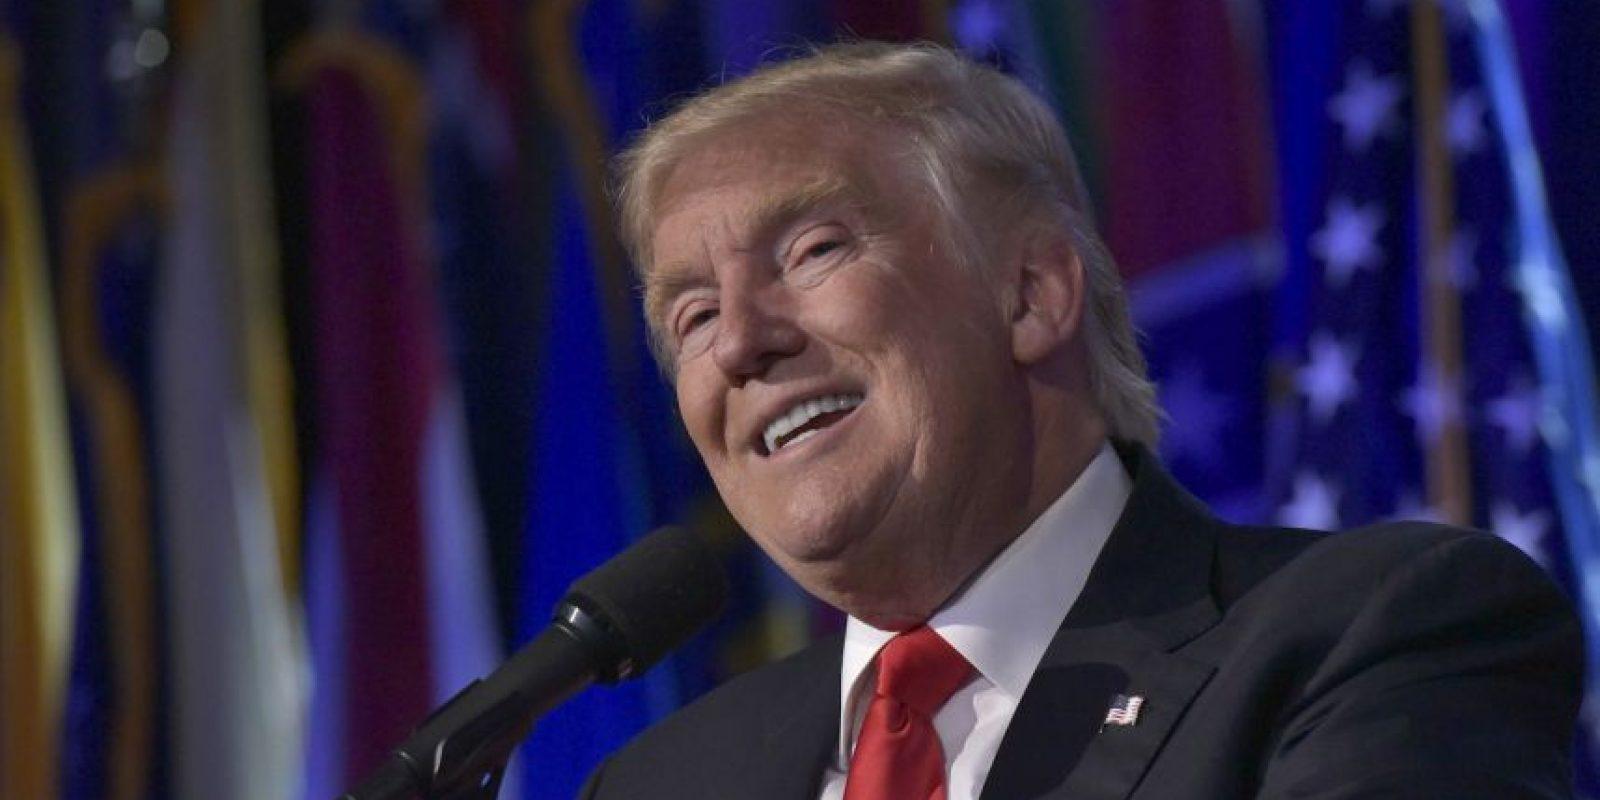 A partir del 20 de enero, será el presidente número 45 de Estados Unidos Foto:AFP